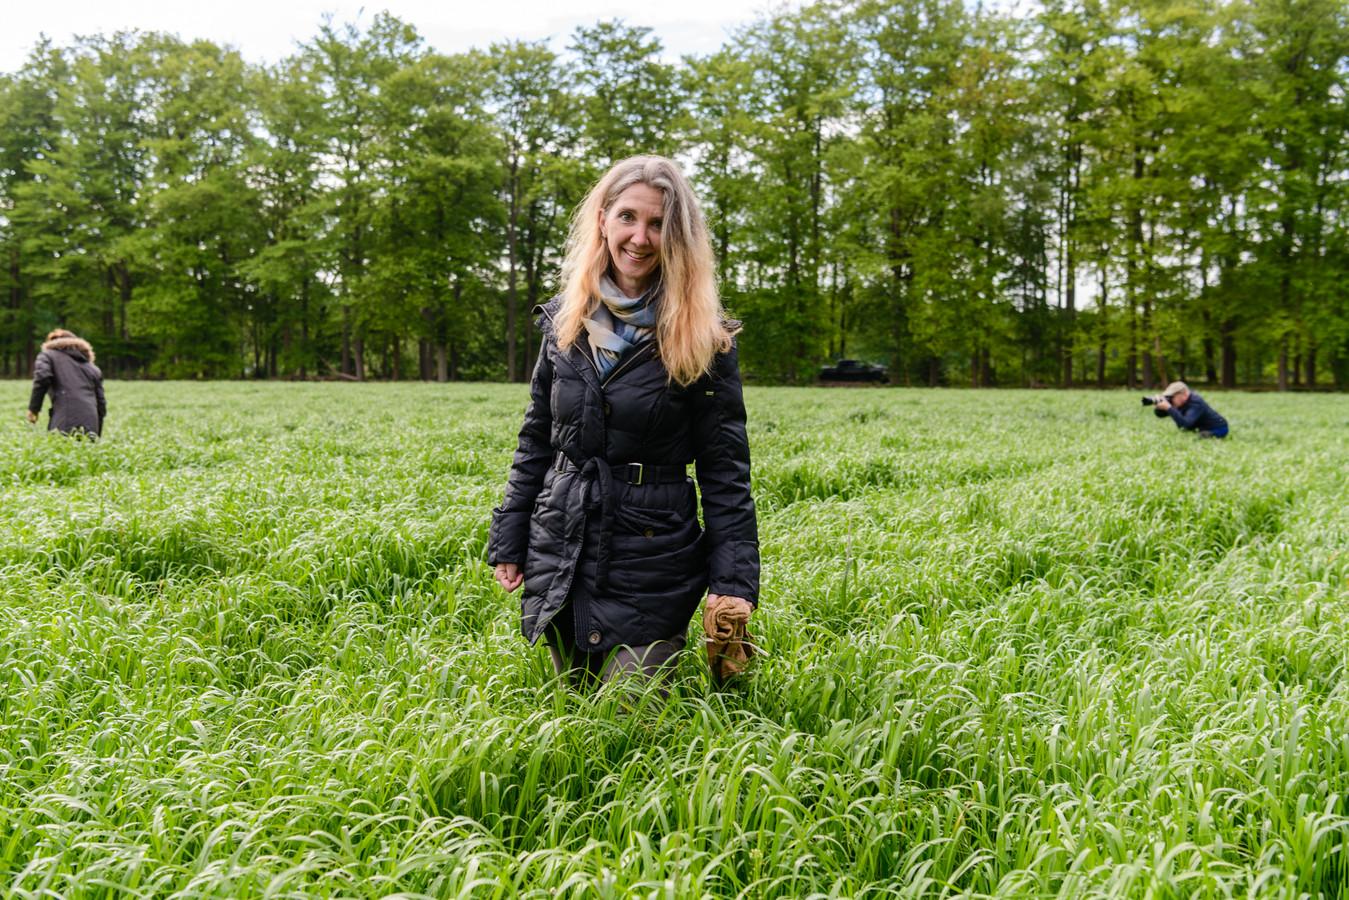 Vrijwilliger Yvette van den Berg loopt al jaren mee. De juten zak in haar hand is bedoeld om daar een gevonden reekalf in te doen.